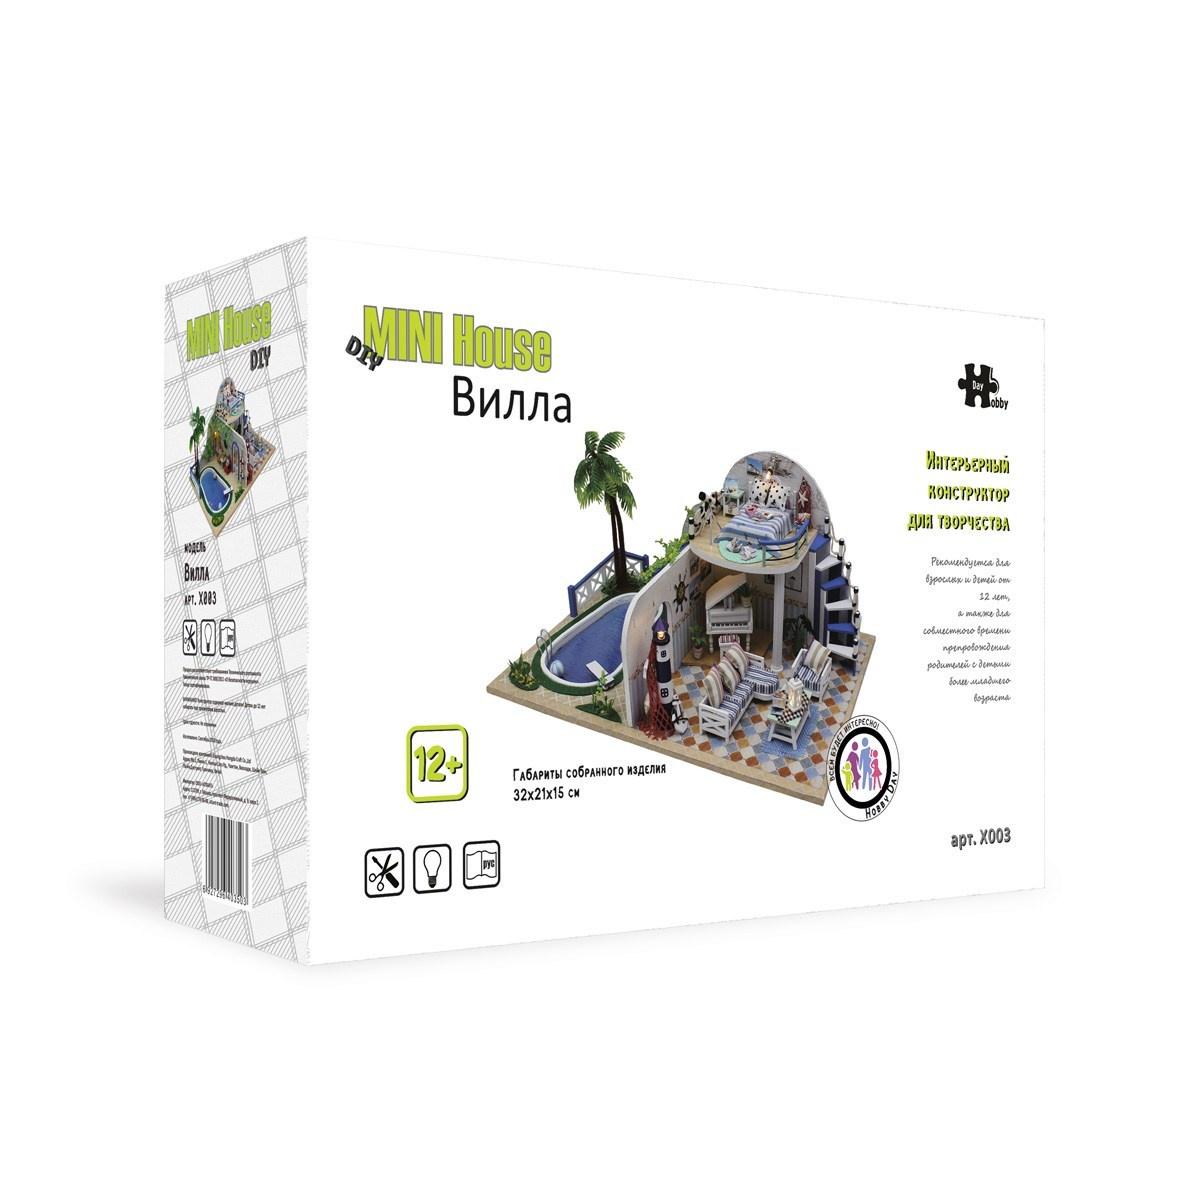 Фото - Румбокс. Robotime. Интерьерный конструктор DIY MINI House Вилла интерьерный конструктор для творчества счастливый турист